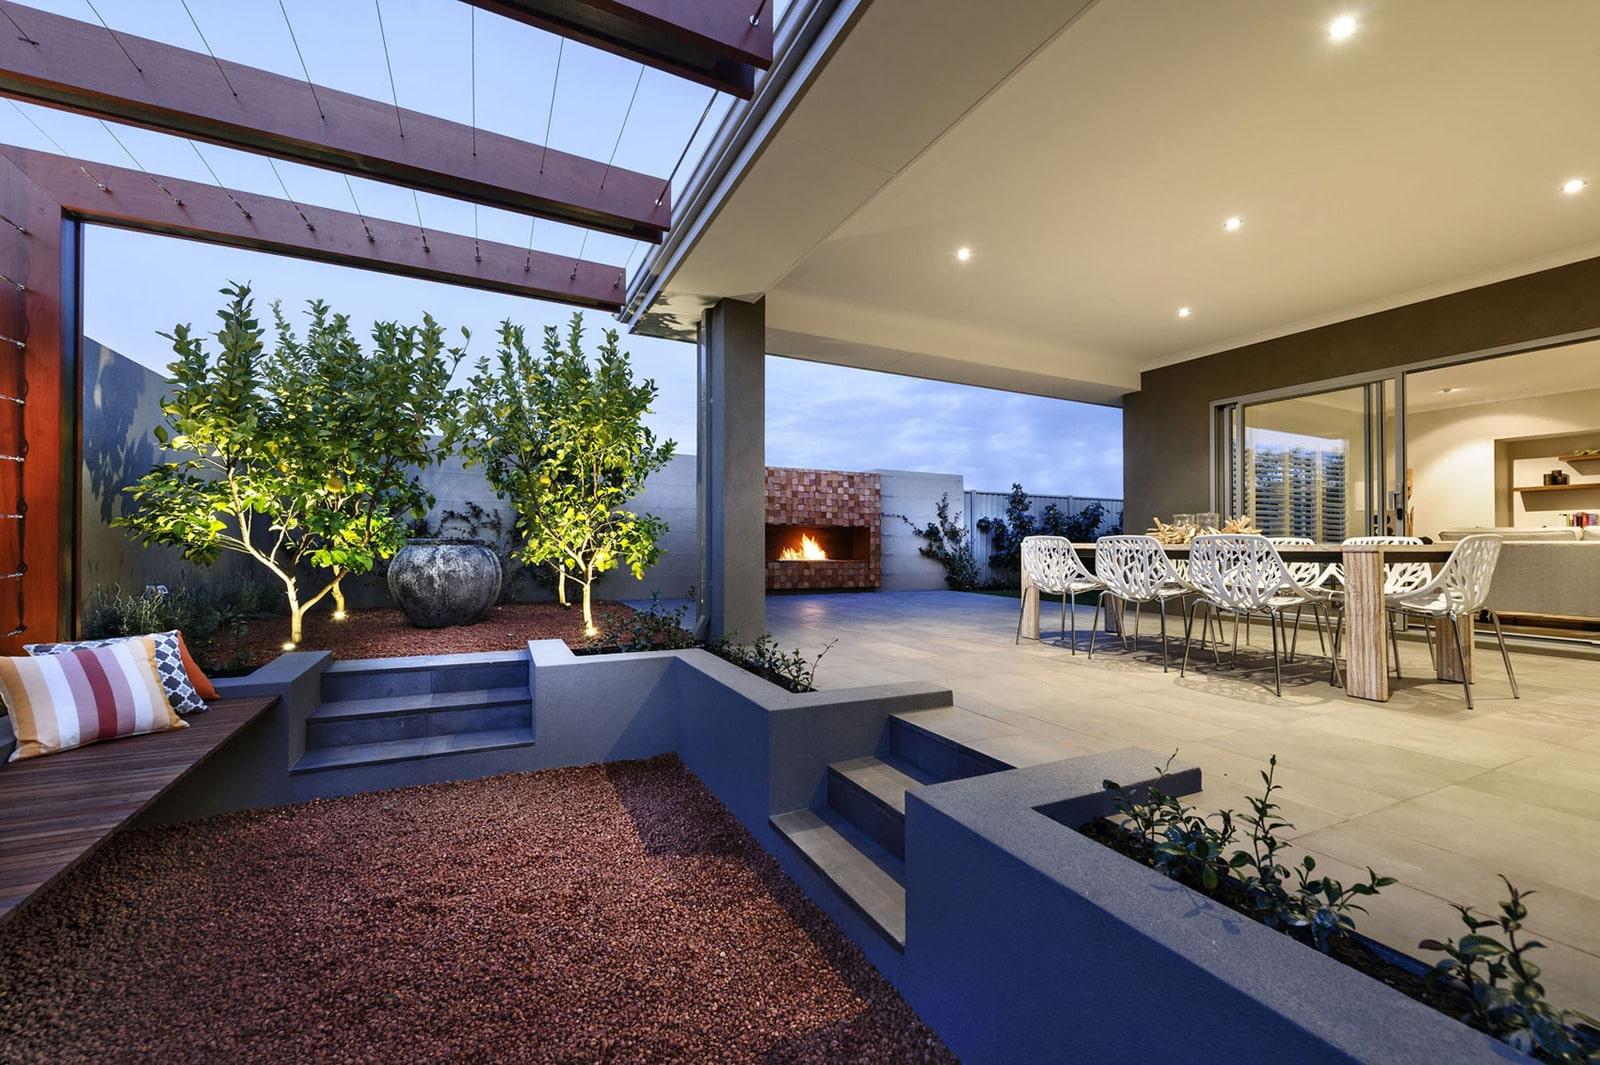 Dise o de casa moderna de dos pisos fachada e interiores for Diseno de hogar